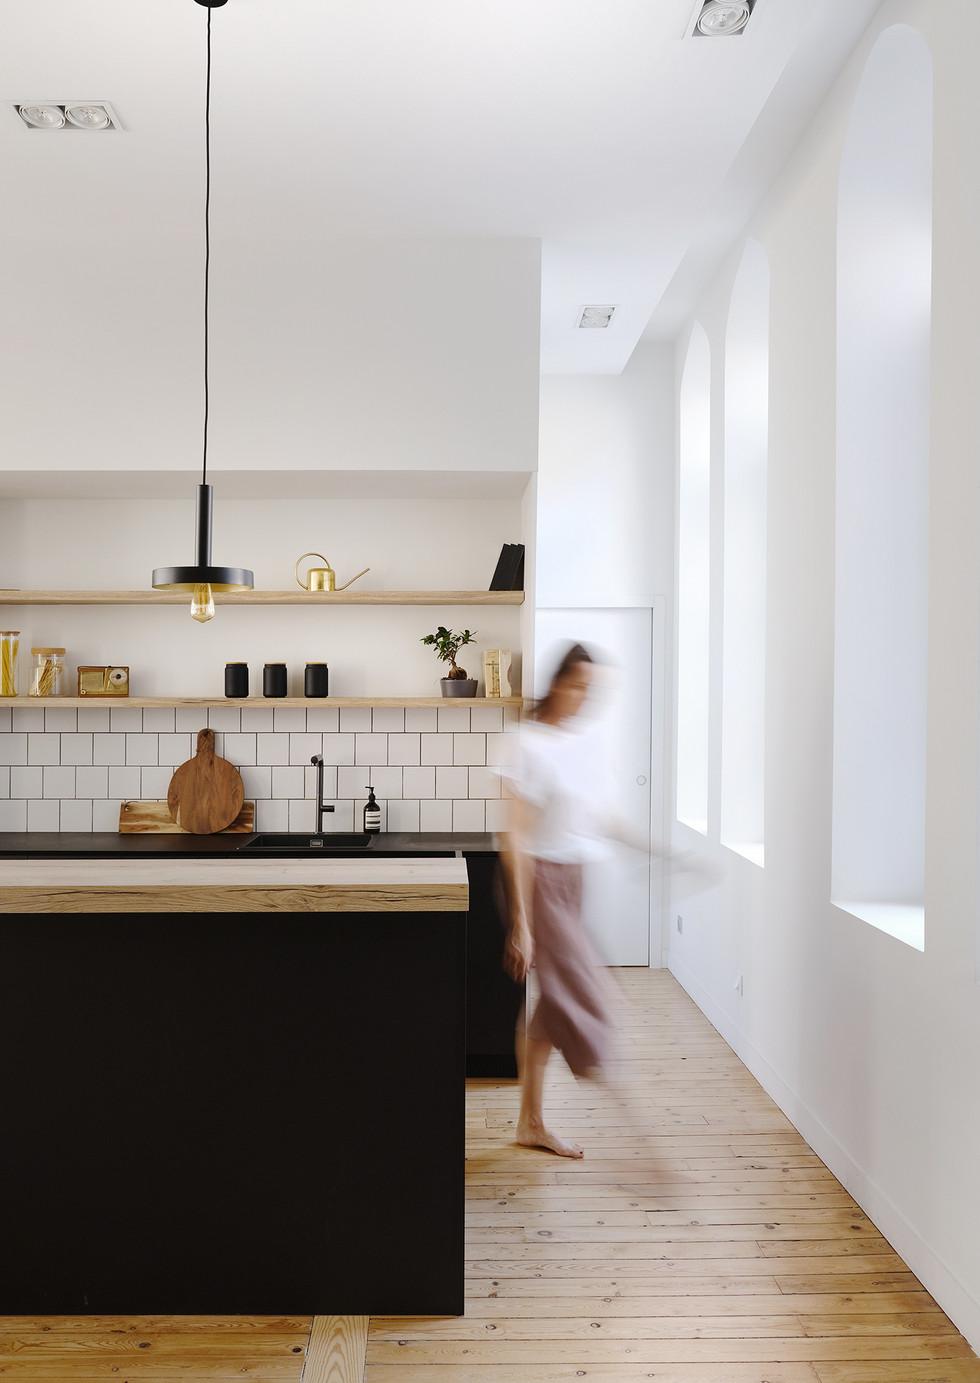 Lanterne architecture design numero111 F